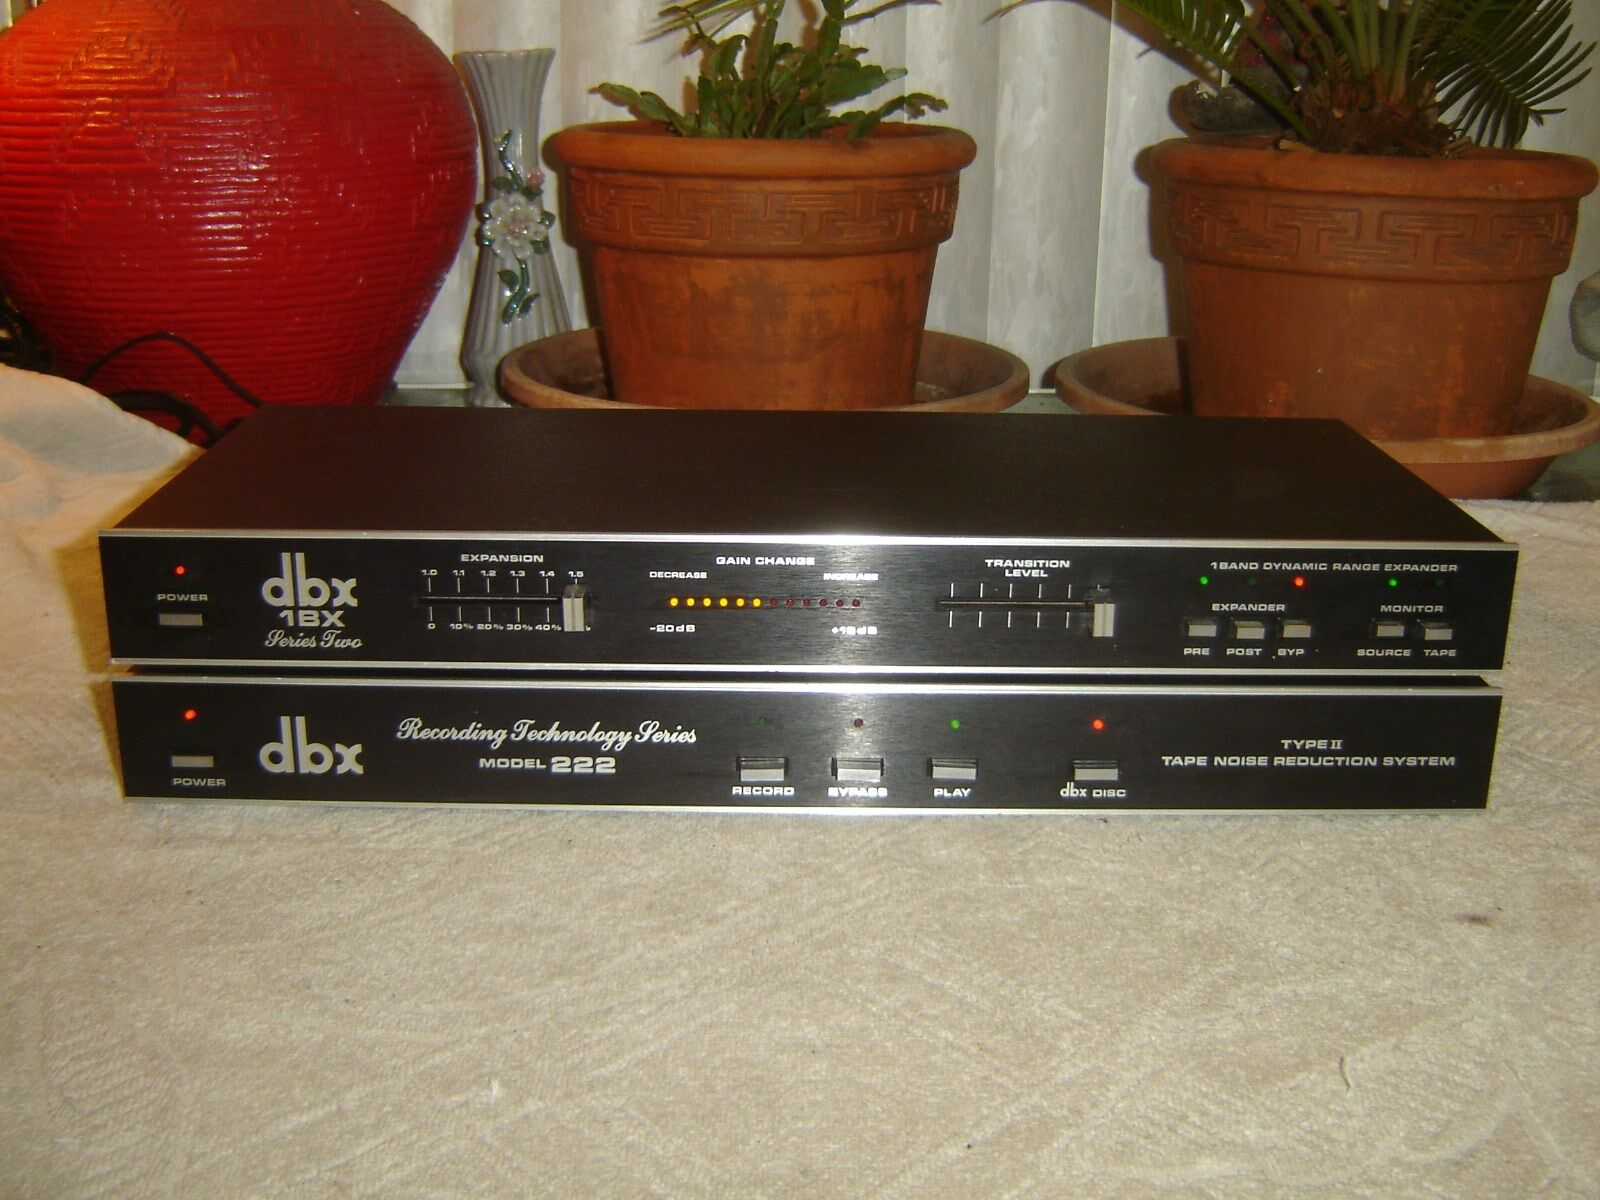 Par Dbx 1bx Serie 2 & 222, 222, 222, rango dinámico Expansor, rojoucción de ruido, Vintage  calidad fantástica